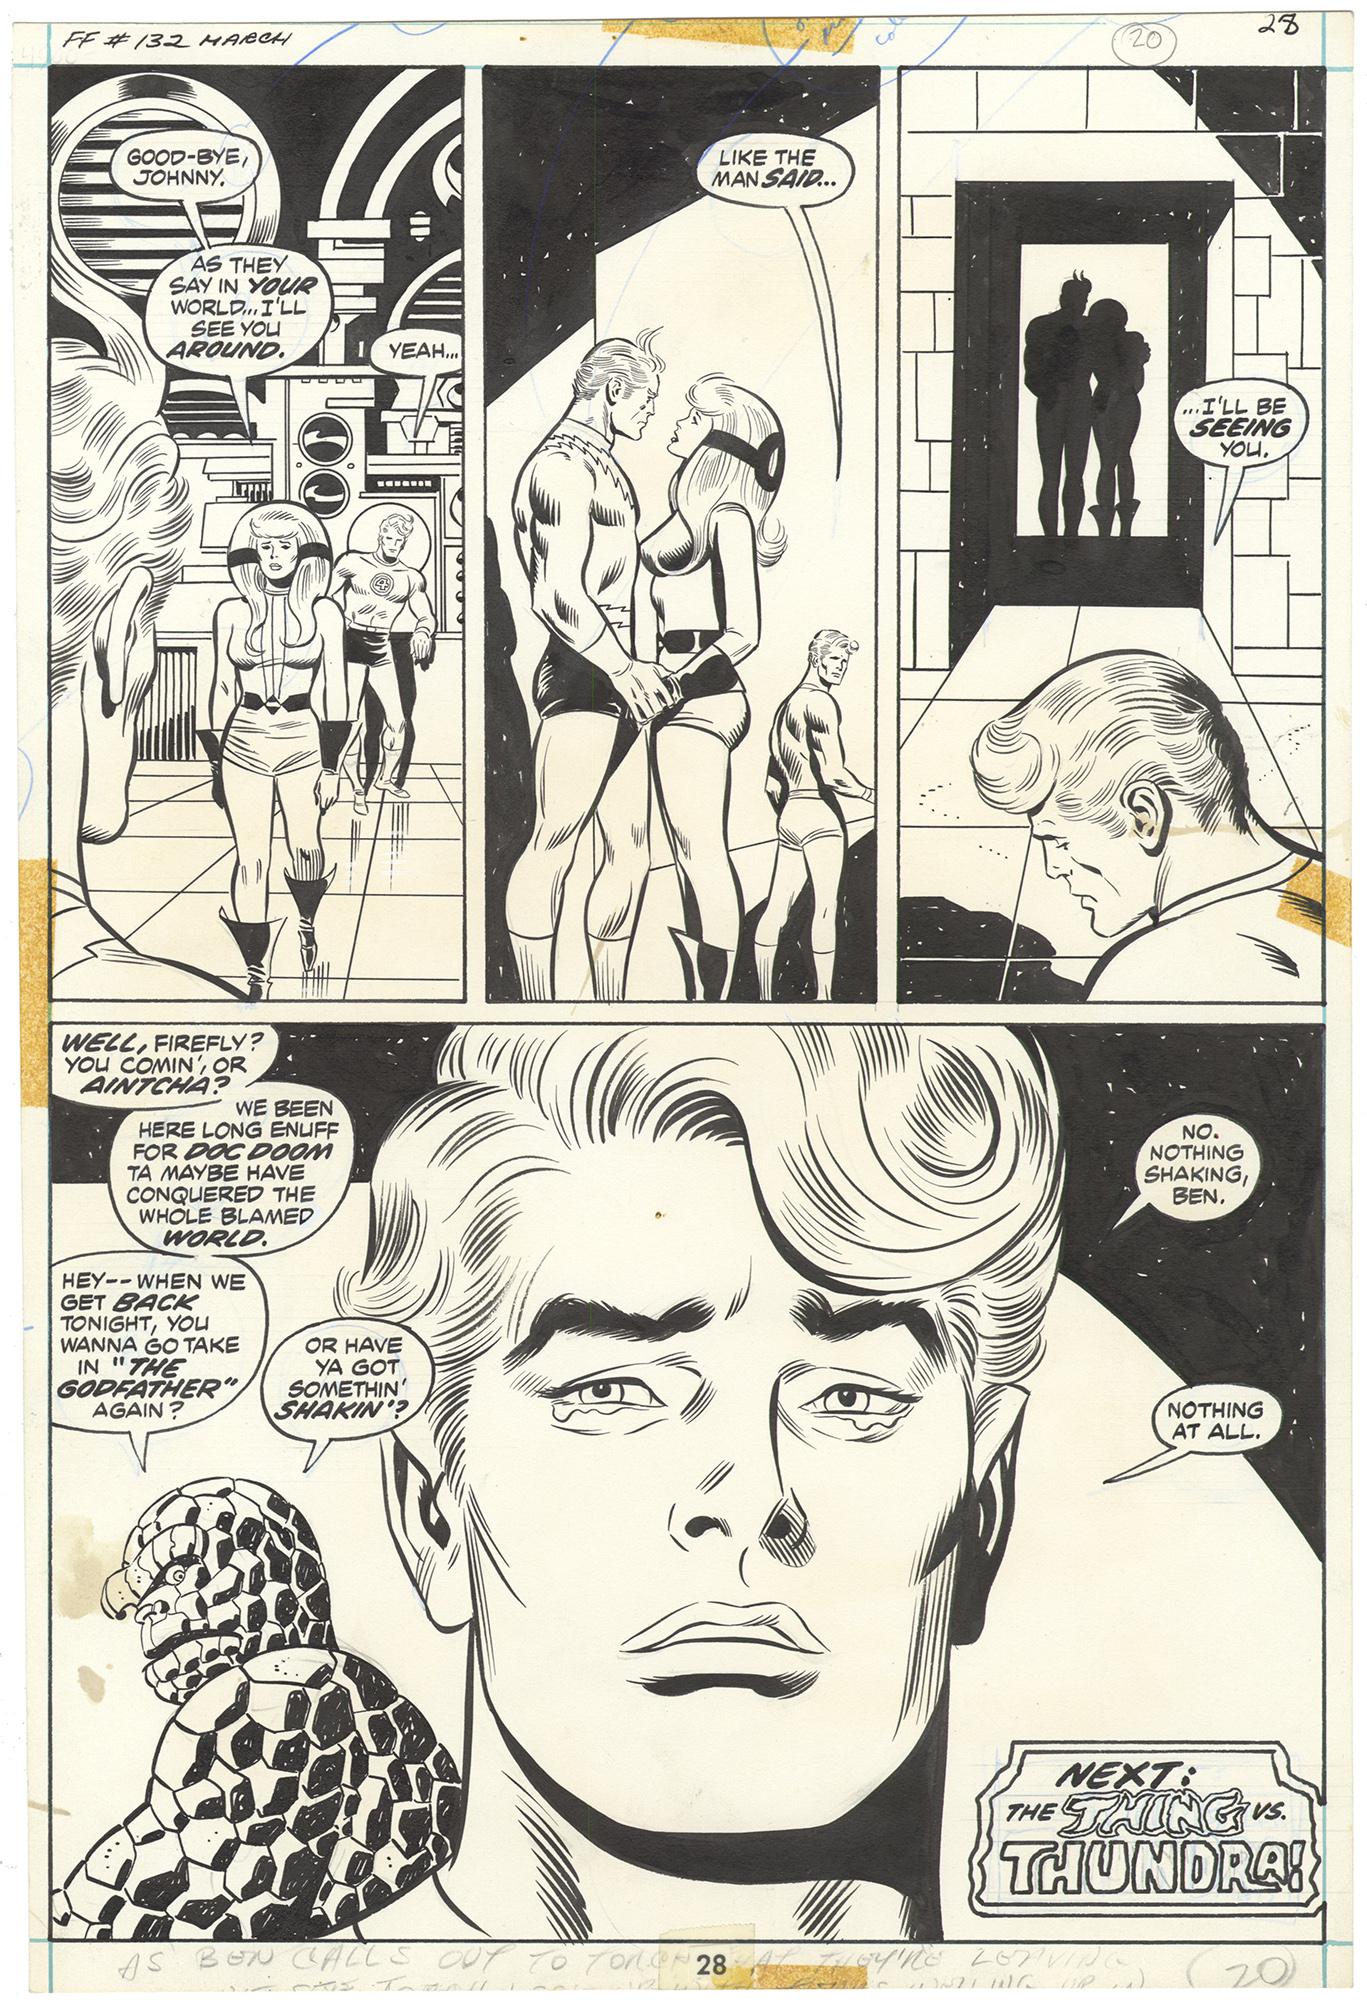 Fantastic Four #132 p28